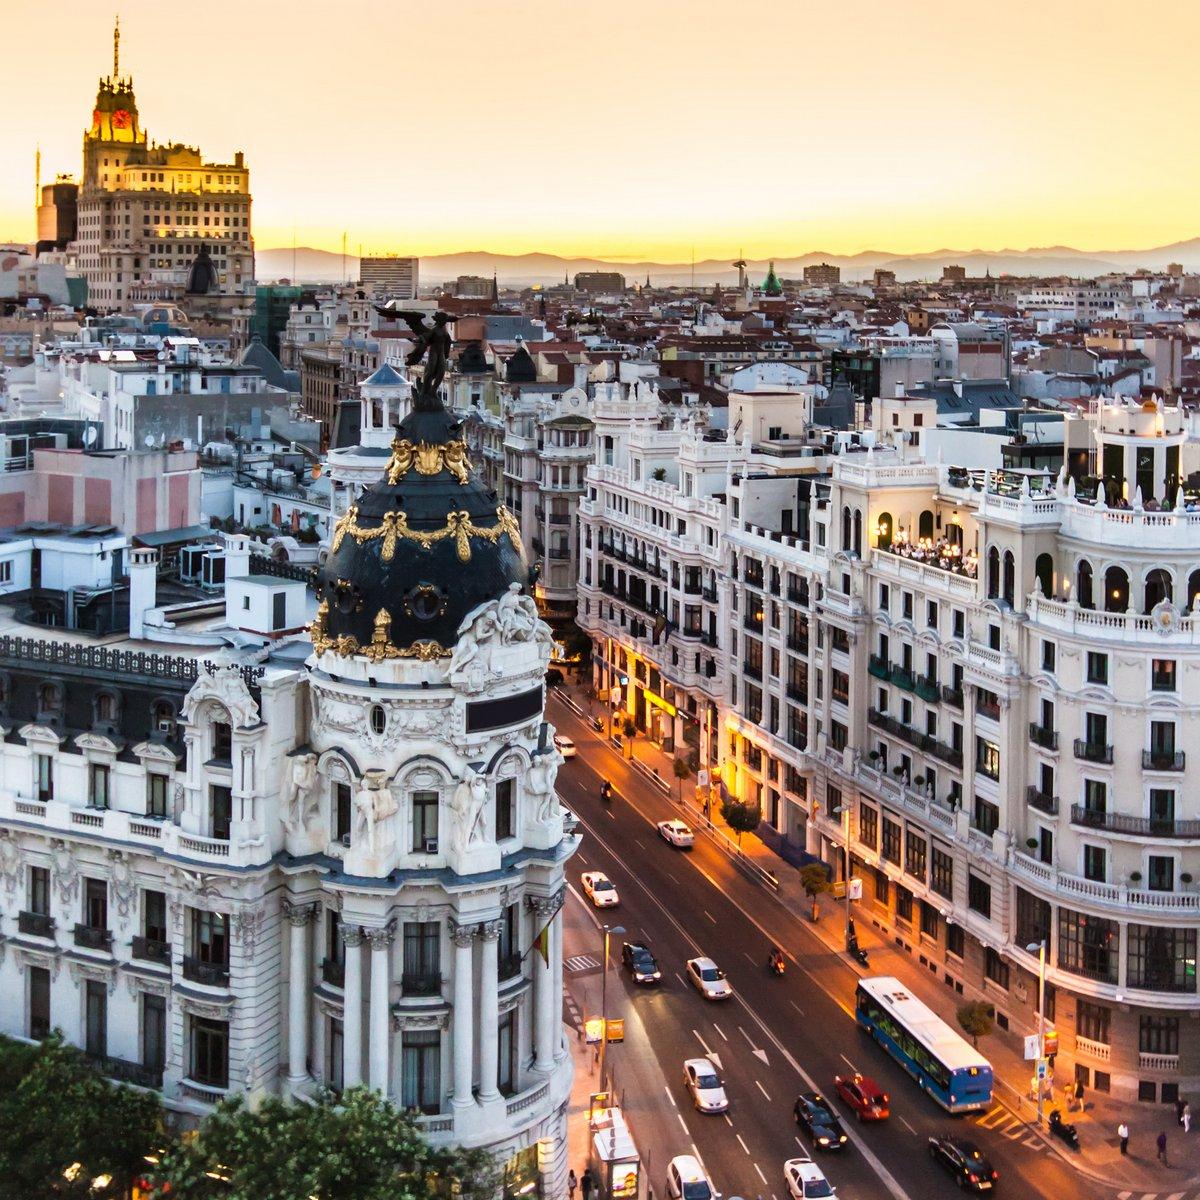 Постер Мадрид Панорамный вид Gran Via, Мадрид, Испания.Мадрид<br>Постер на холсте или бумаге. Любого нужного вам размера. В раме или без. Подвес в комплекте. Трехслойная надежная упаковка. Доставим в любую точку России. Вам осталось только повесить картину на стену!<br>